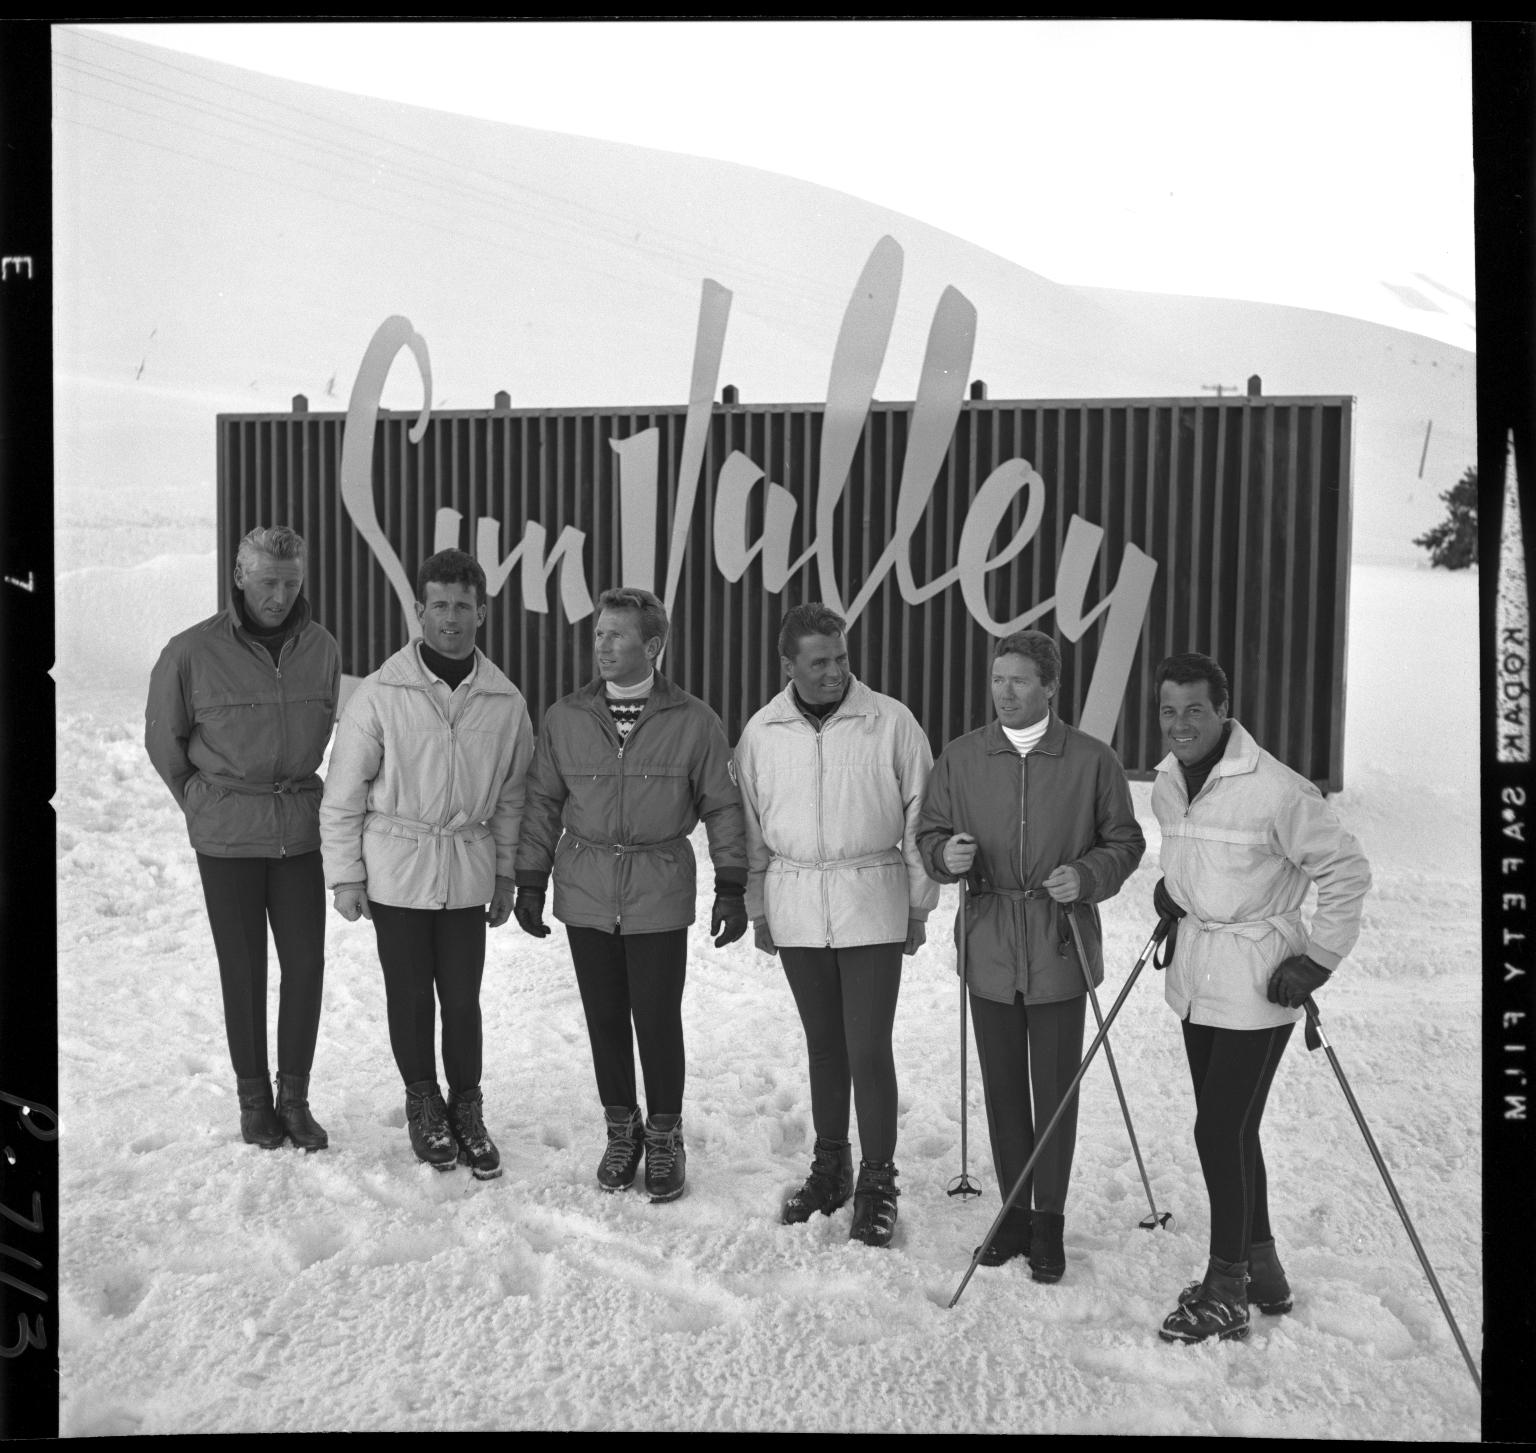 Ski instructors : 1965